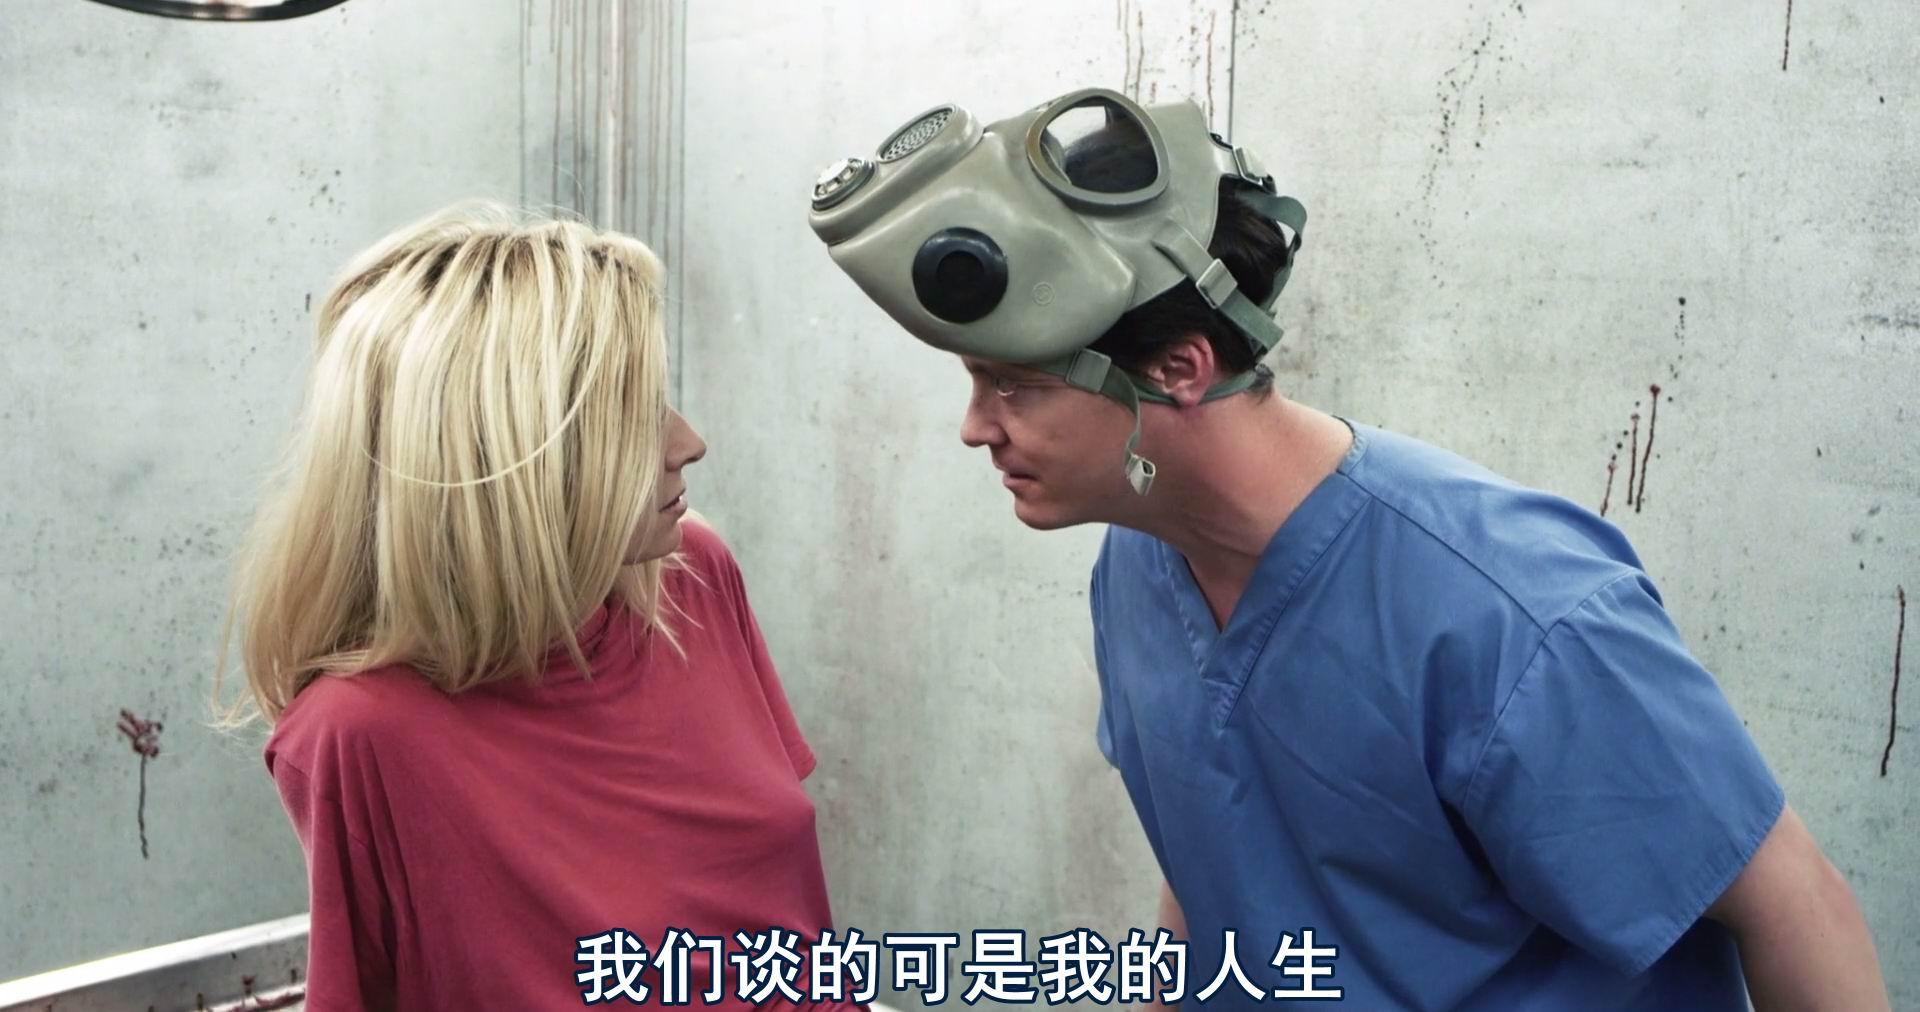 悠悠MP4_MP4电影下载_[盜命兄弟][BD-MKV/2.4G][英语中字][超爆炸刺激猛片/1080p]